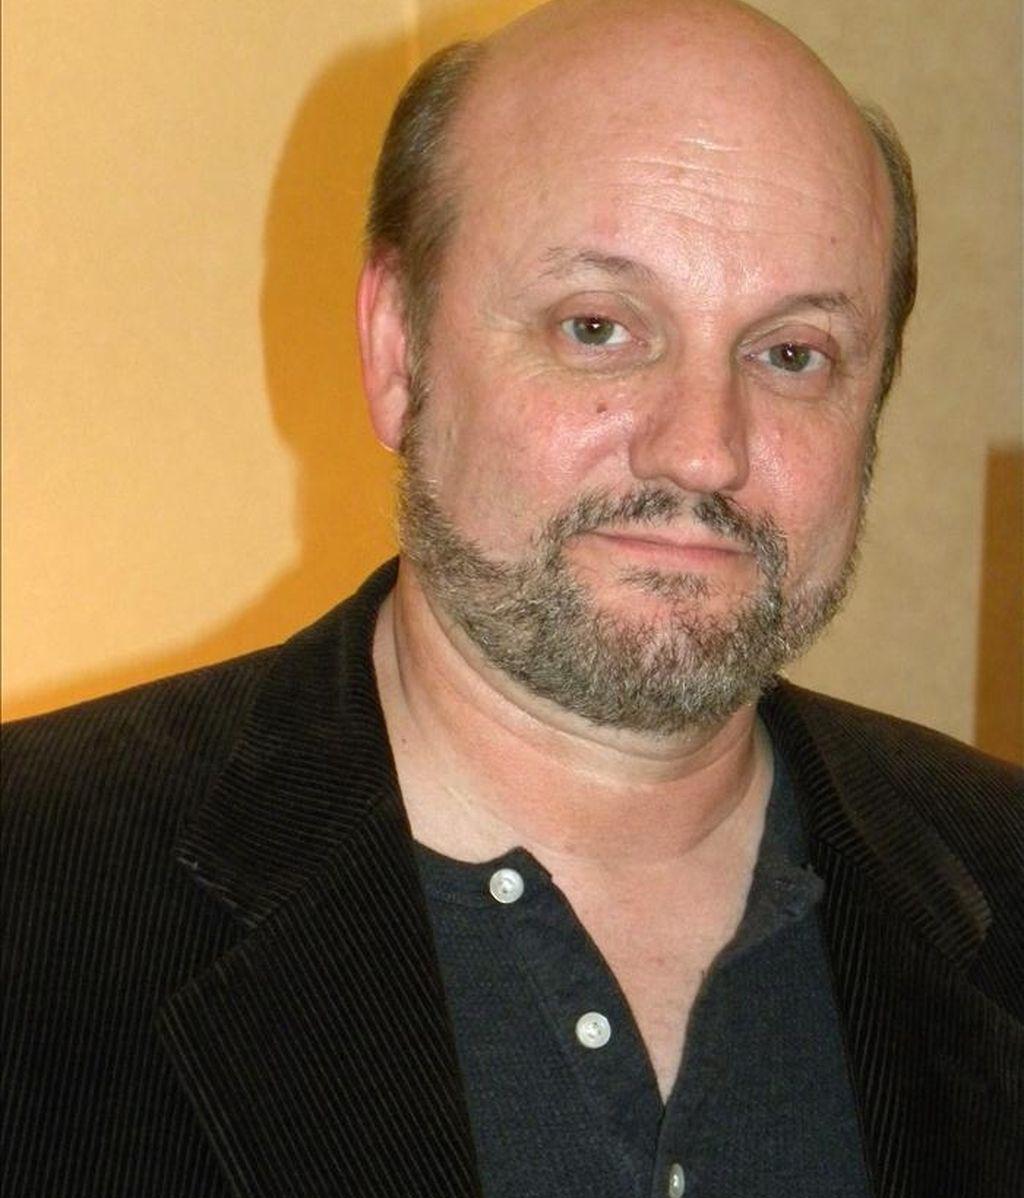 El director de cine argentino, Juan José Campanella, posa para una fotografía durante una entrevista con Efe. EFE/Archivo